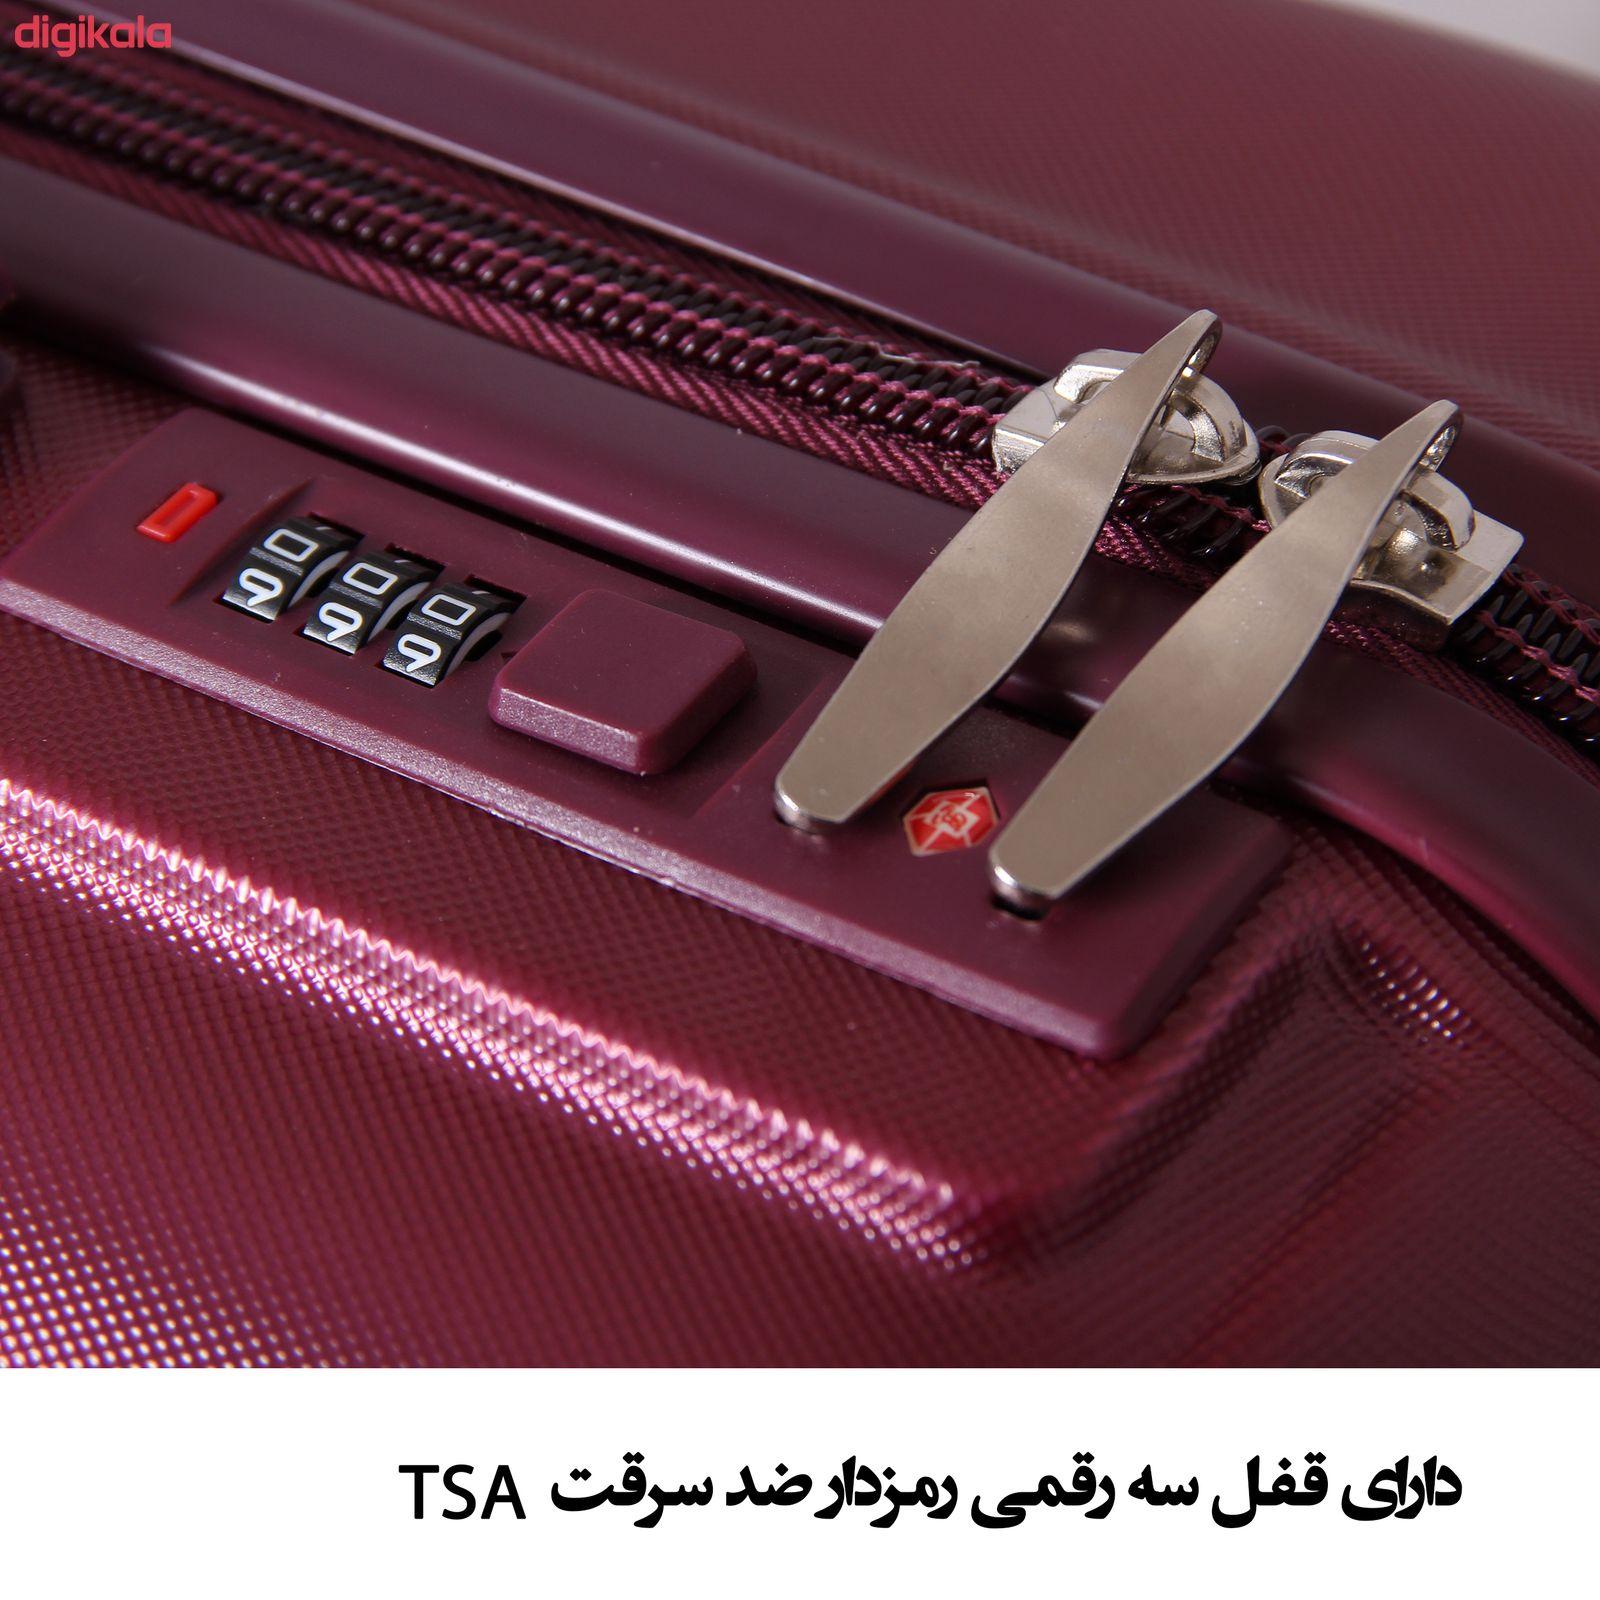 مجموعه چهار عددی چمدان مدل 319363 main 1 22